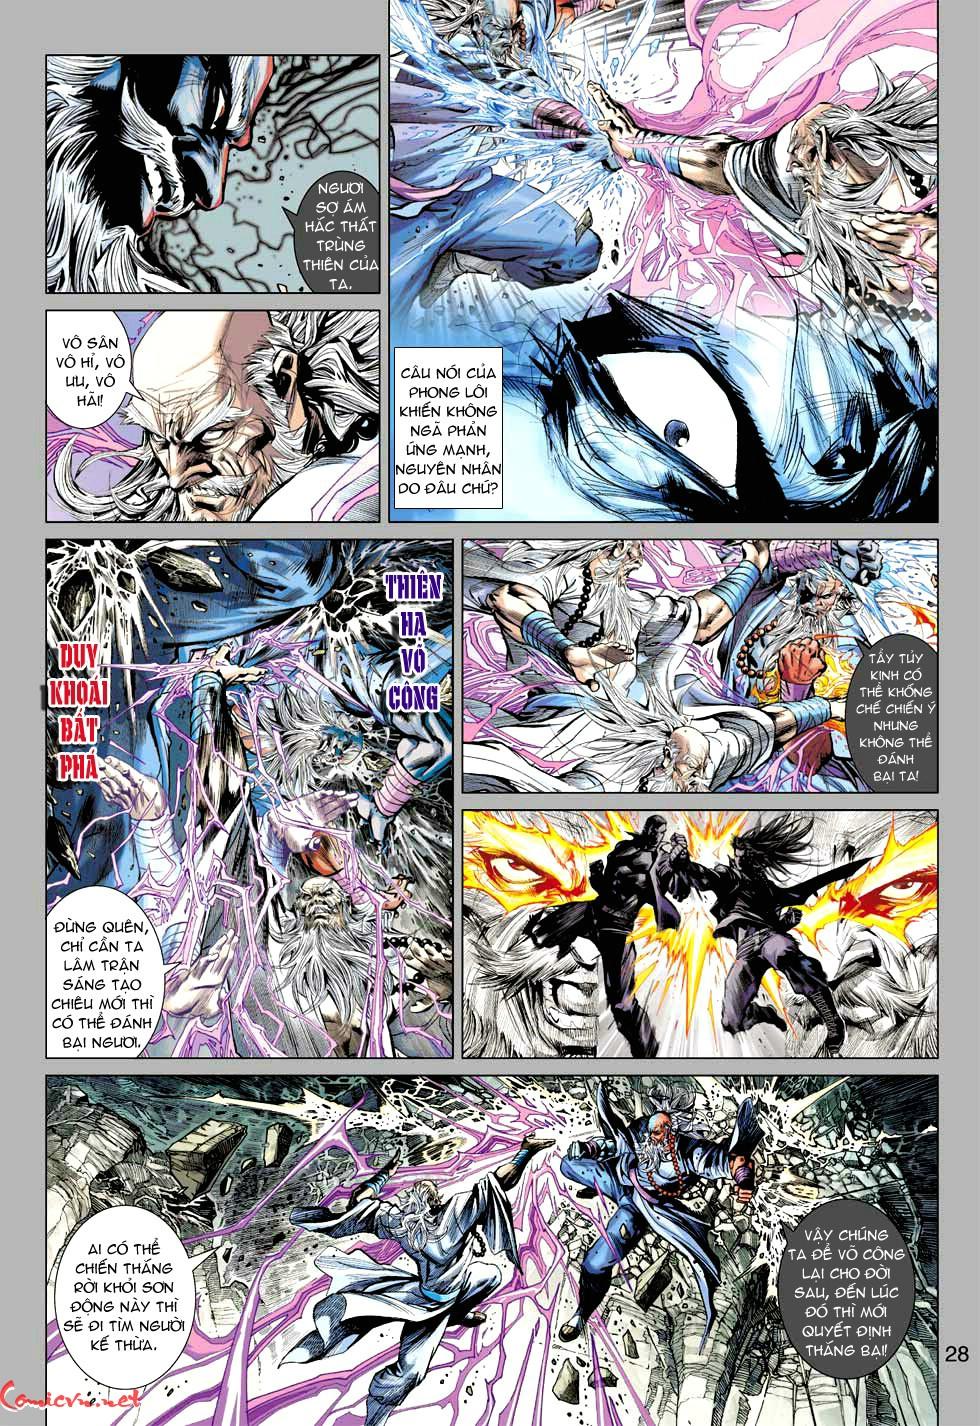 Vương Phong Lôi 1 chap 49 - Trang 29